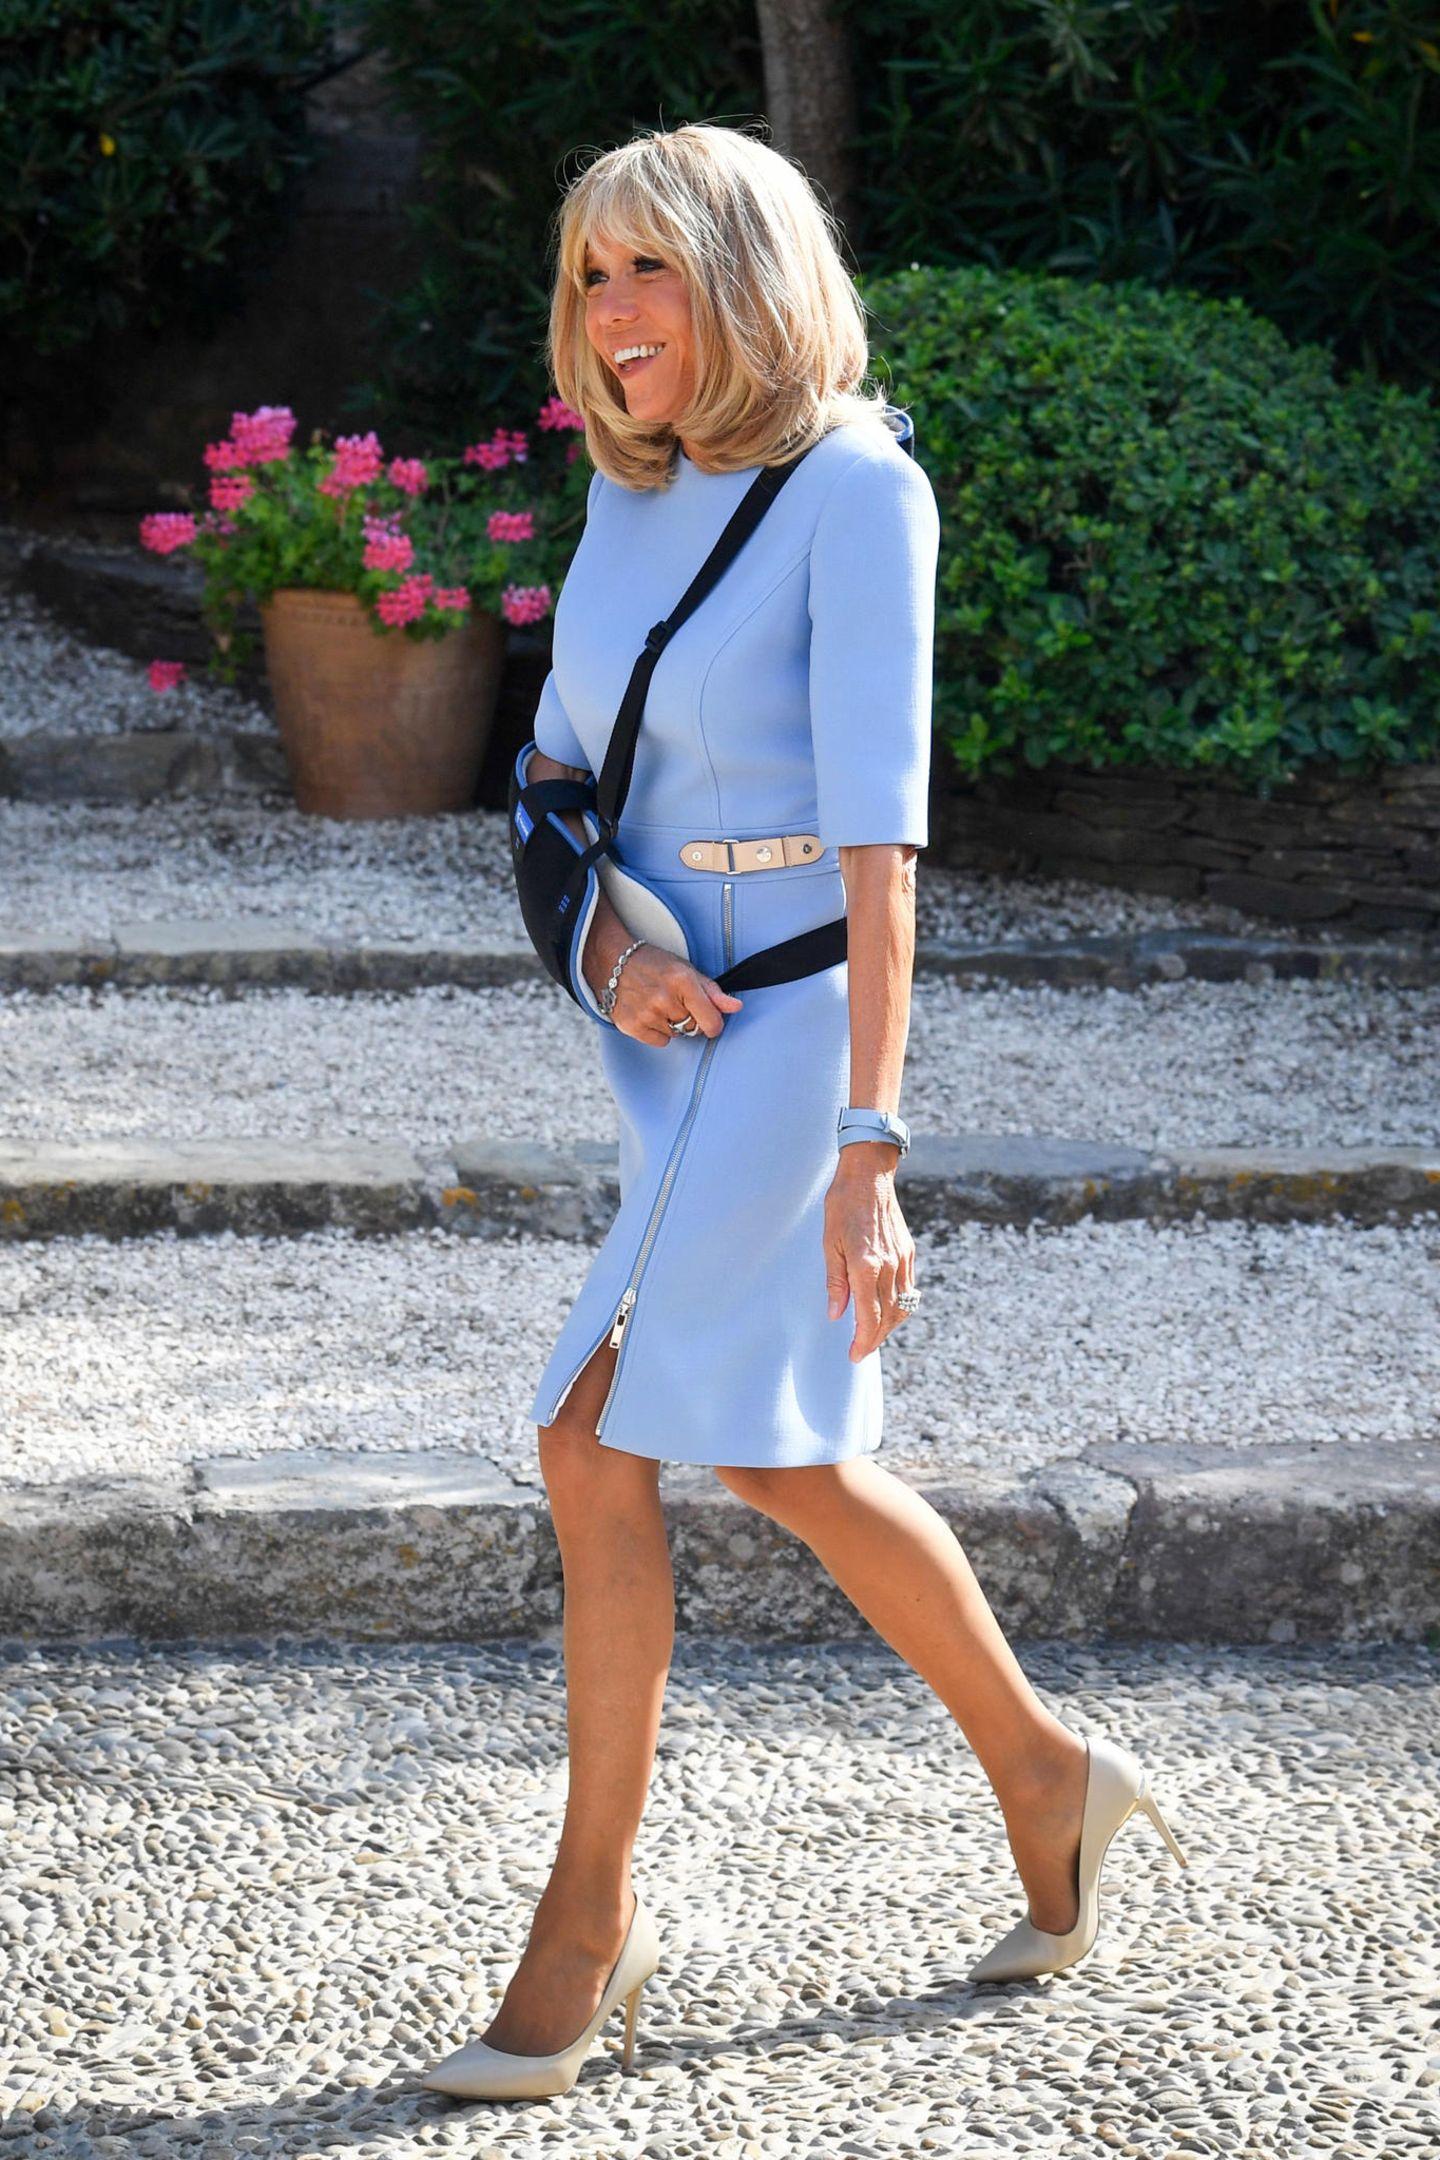 First Lady Brigitte Macron trägt ein hellblaues Kleid mit raffinierten Details von Louis Vuitton. Ein seitlicher, deutlich sichtbarer Reißverschluss lässt sich bis zurTaille öffnen, dortbefinden sich Schnallen aus beigefarbenem Leder. Farblich passend wählt Brigitte beigefarbene Pumps zu diesem sommerlichen Look. Ihren Arm trägt die 66-Jährige in einer Schlinge - sie soll Medienberichten zufolge auf einem Boot gestürzt sein.